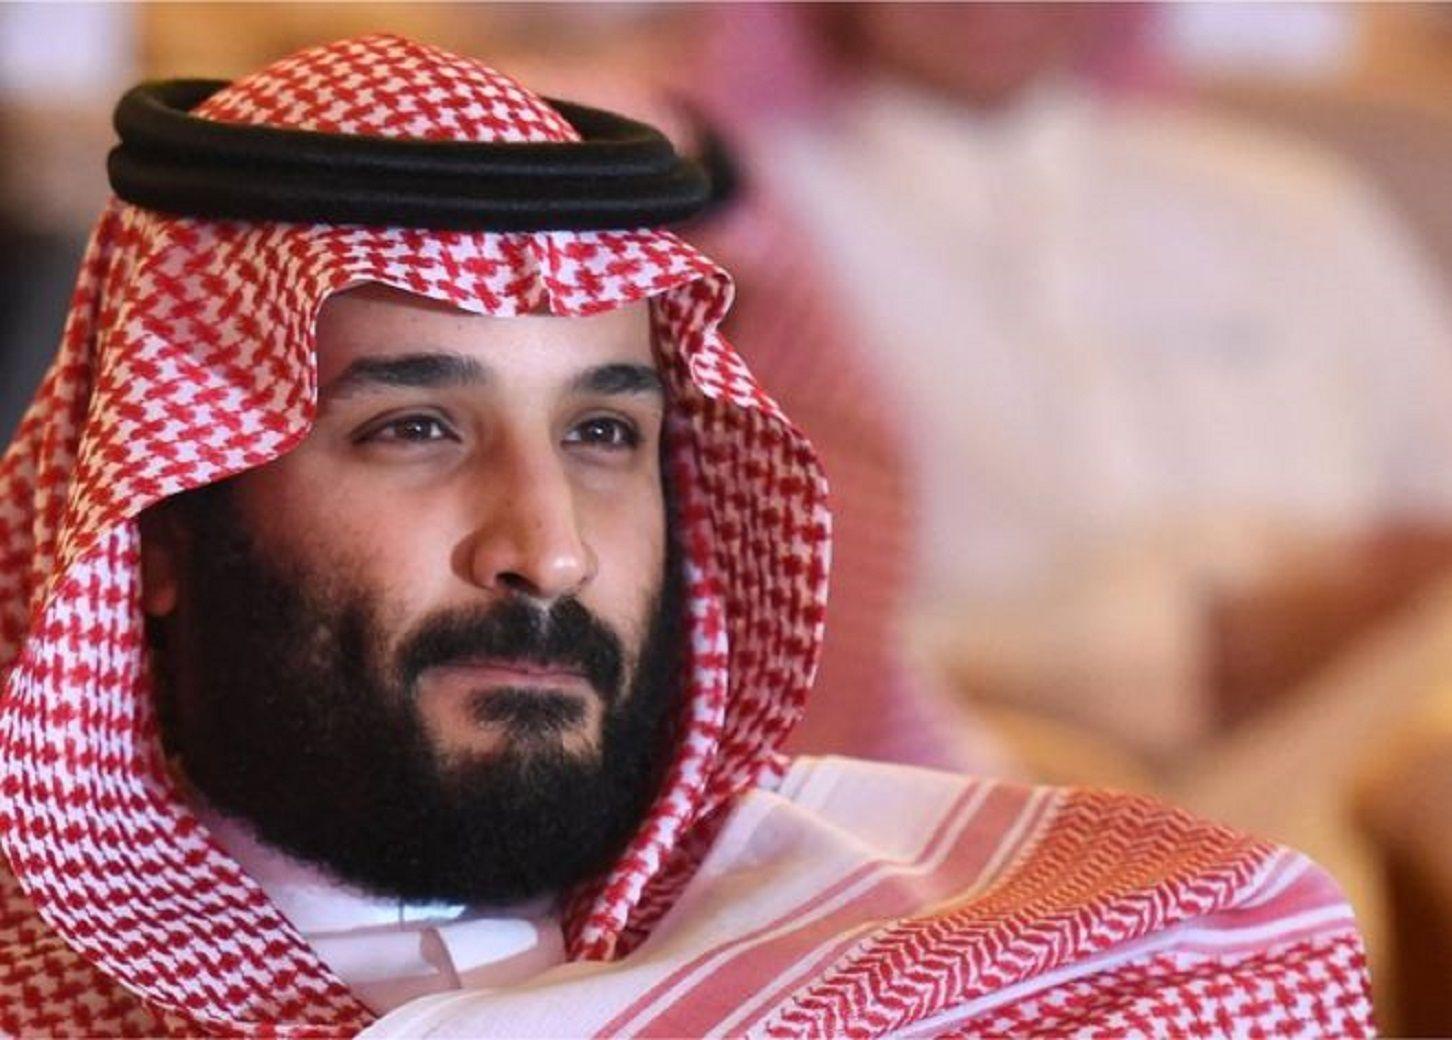 La justicia argentina libró un exhorto a Arabia Saudita y Yemen por el príncipe Bin Salman